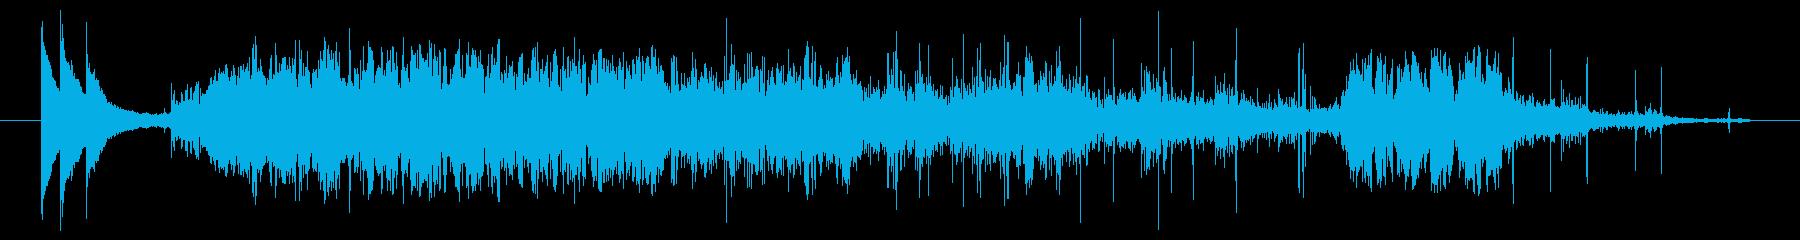 正解の鐘と歓声の再生済みの波形